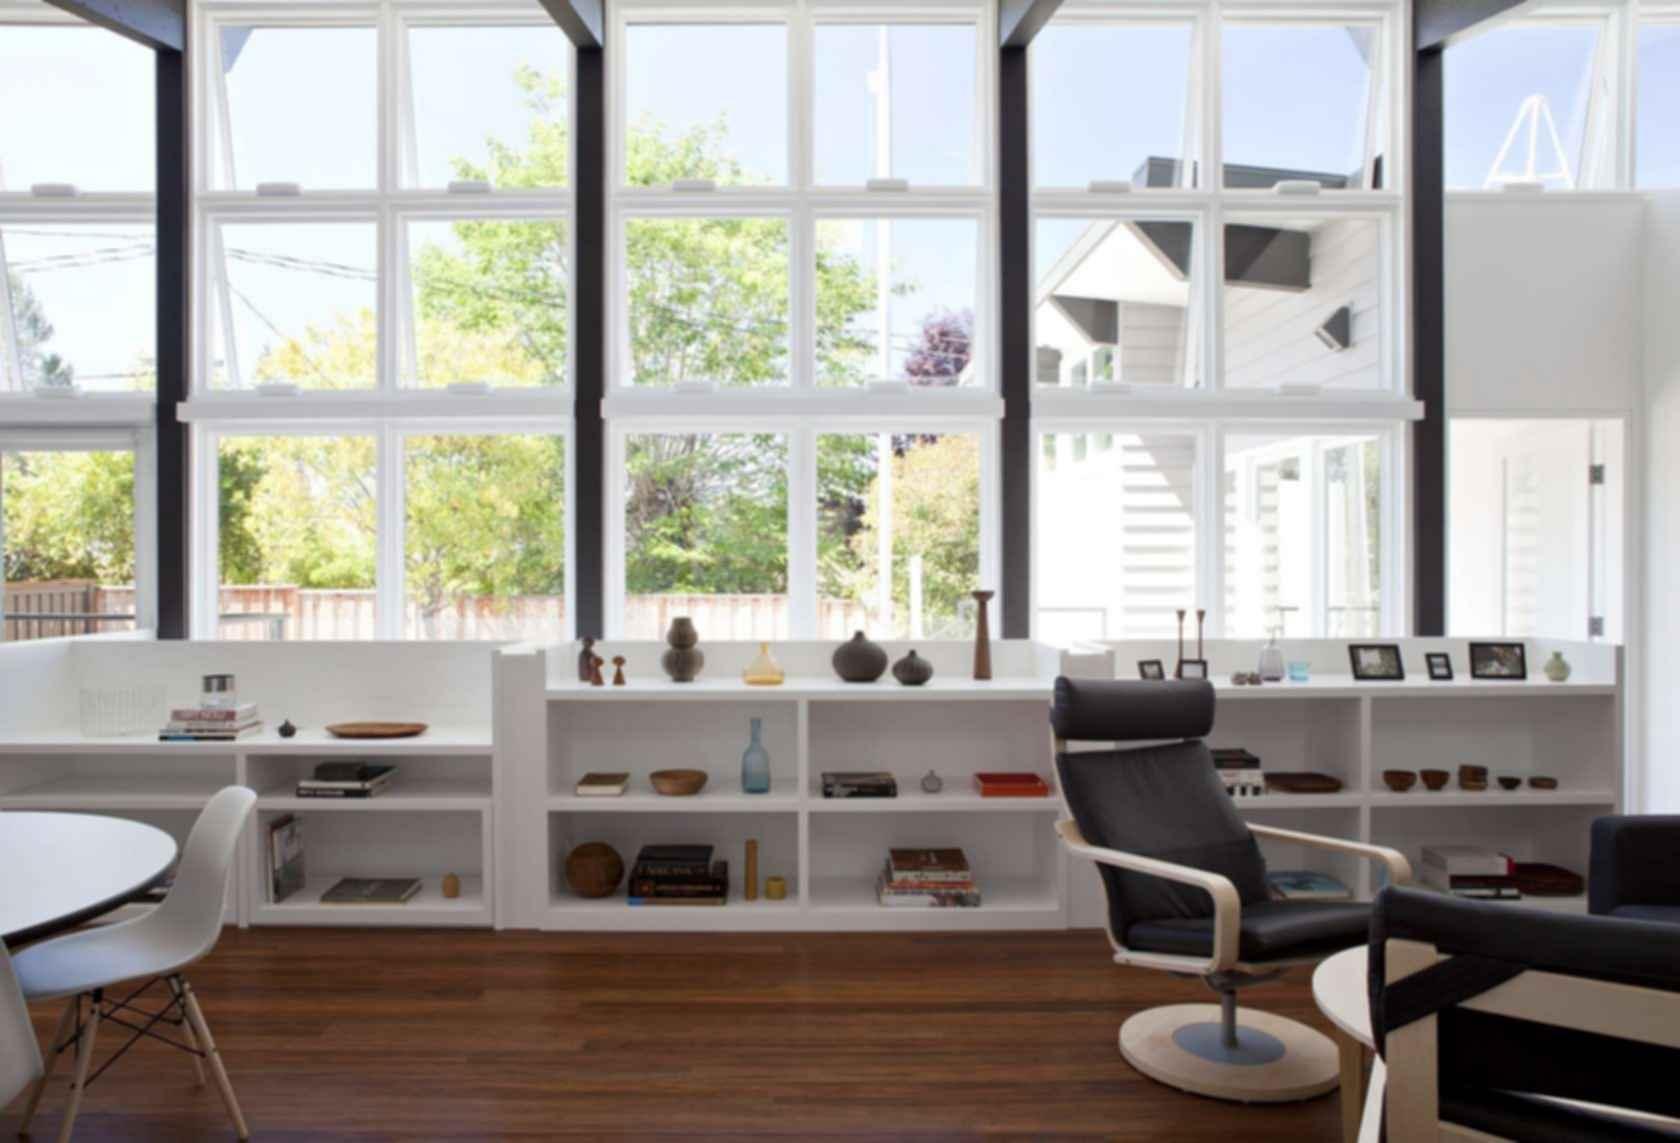 Net Zero Energy House - Interior/Windows